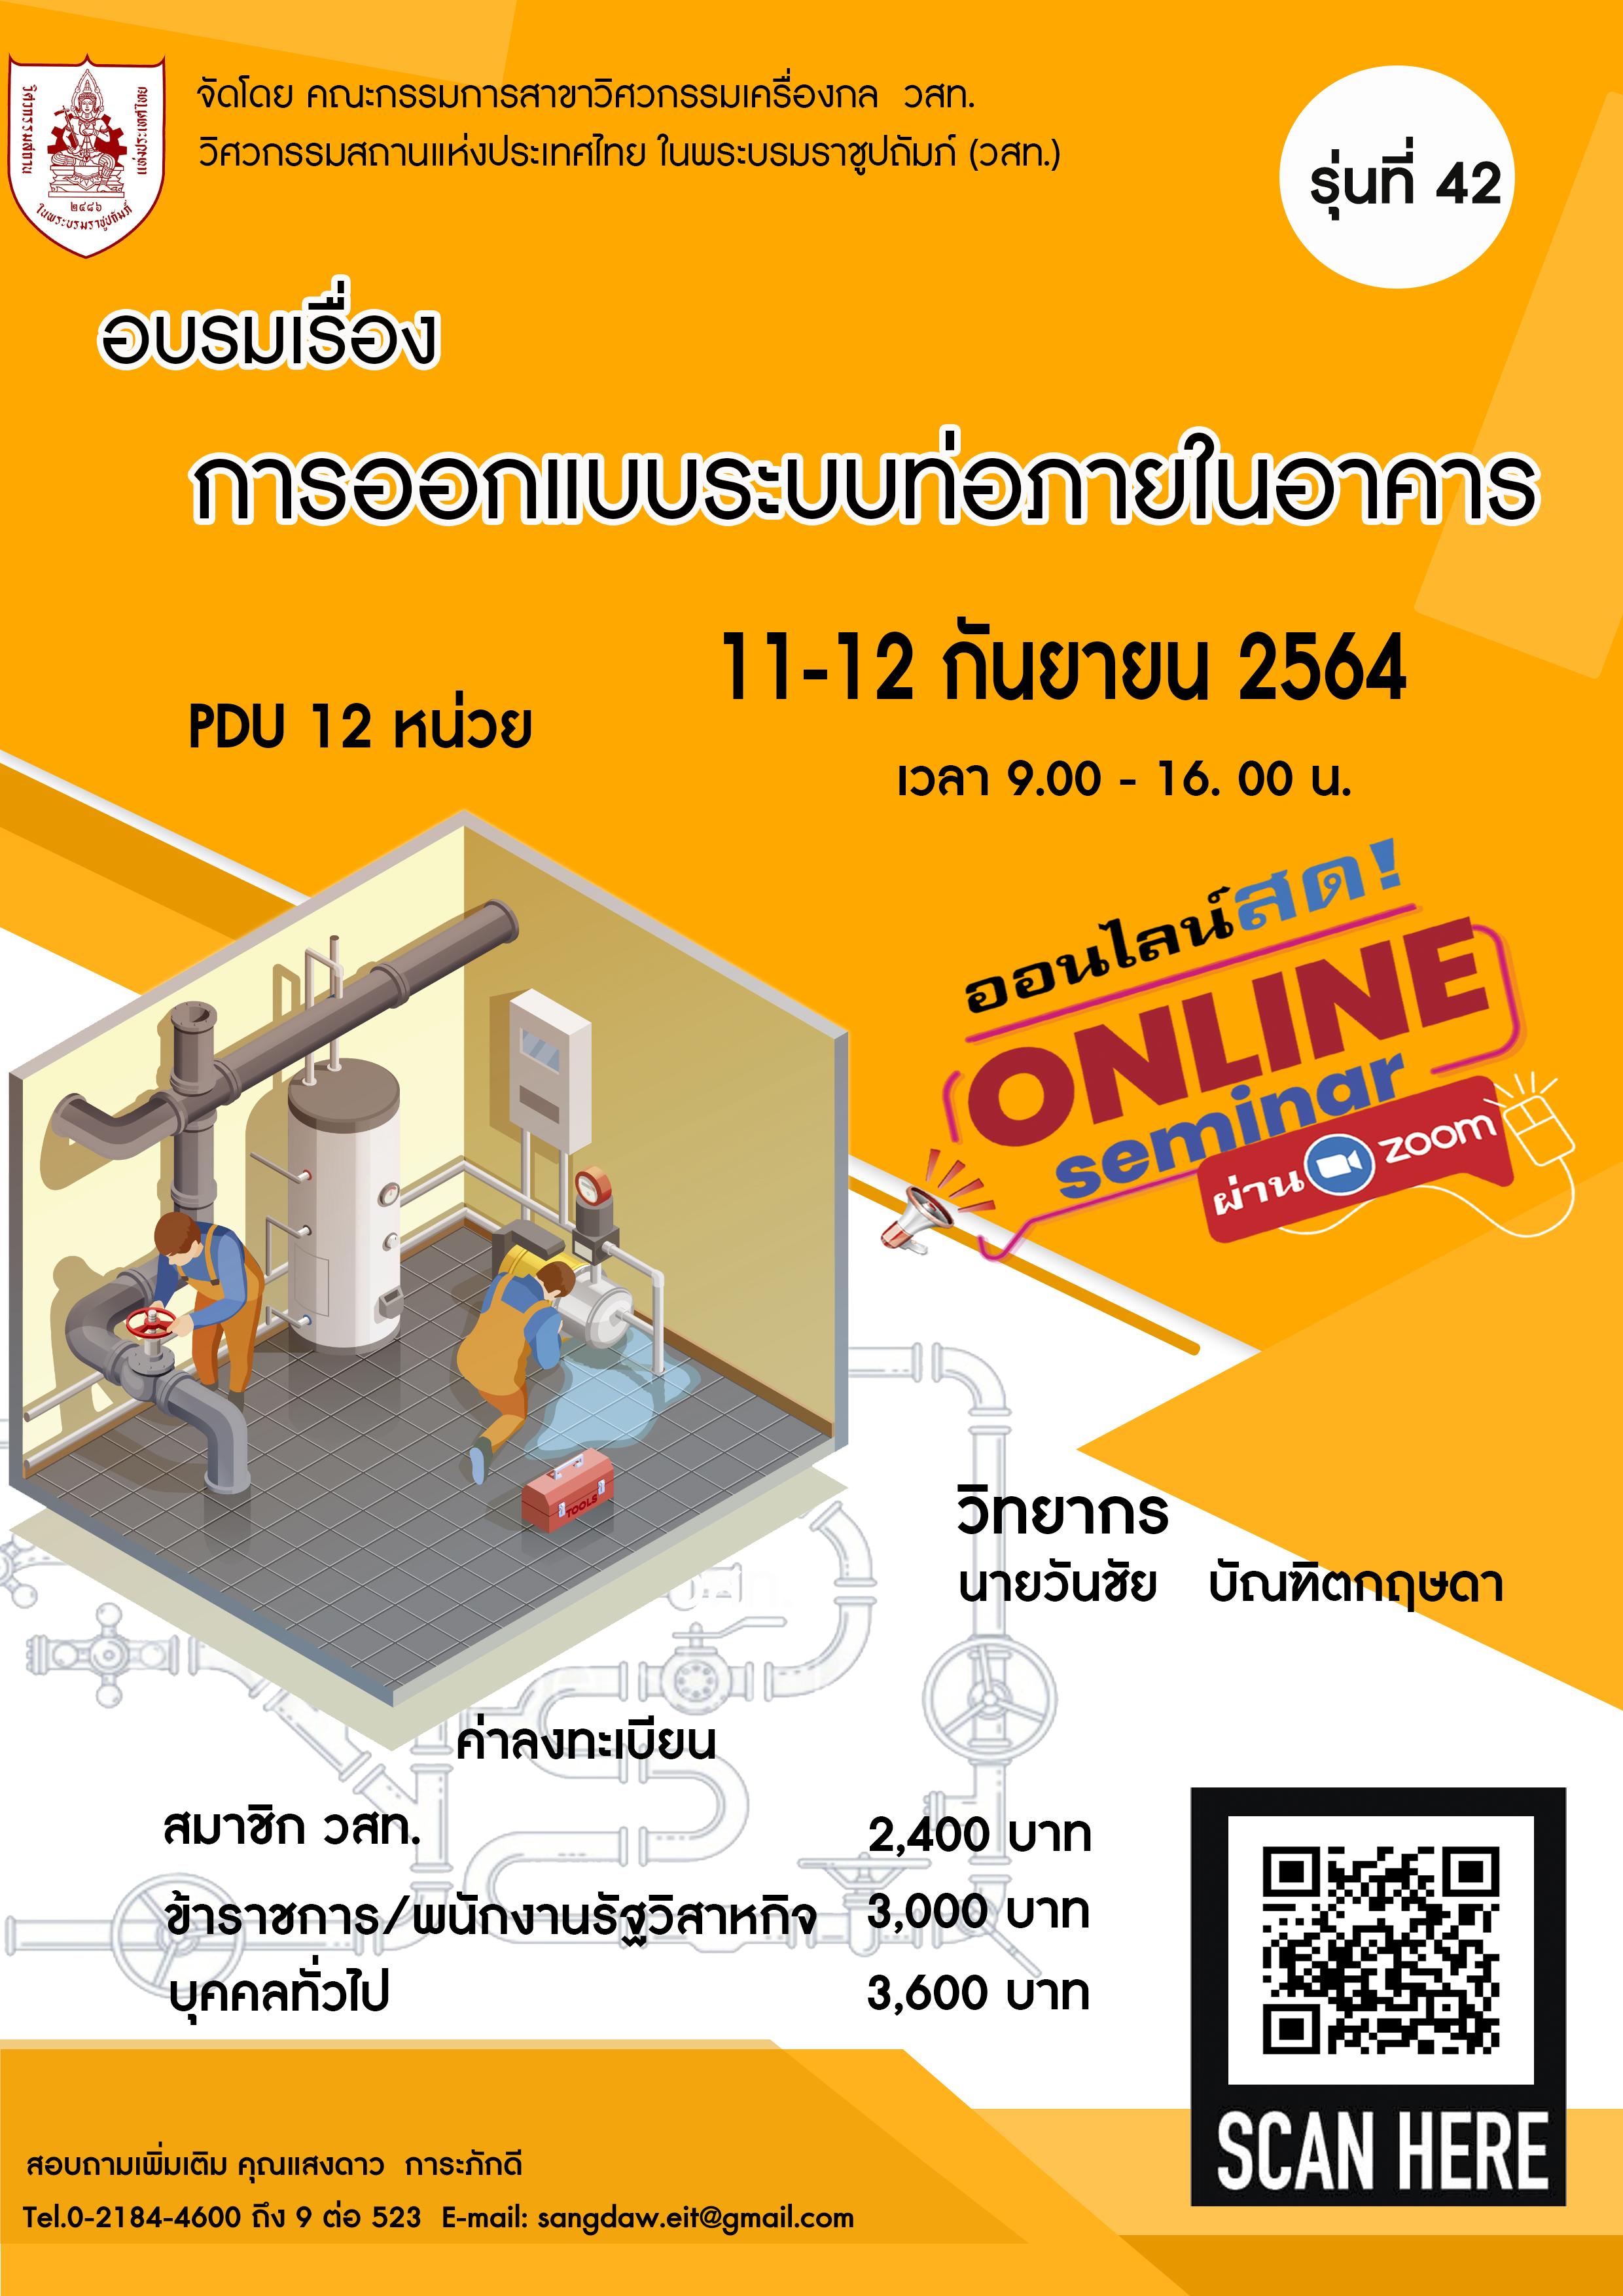 11-12/09/64การออกแบบระบบท่อภายในอาคาร  รุ่นที่  42 (อบรมออนไลน์)